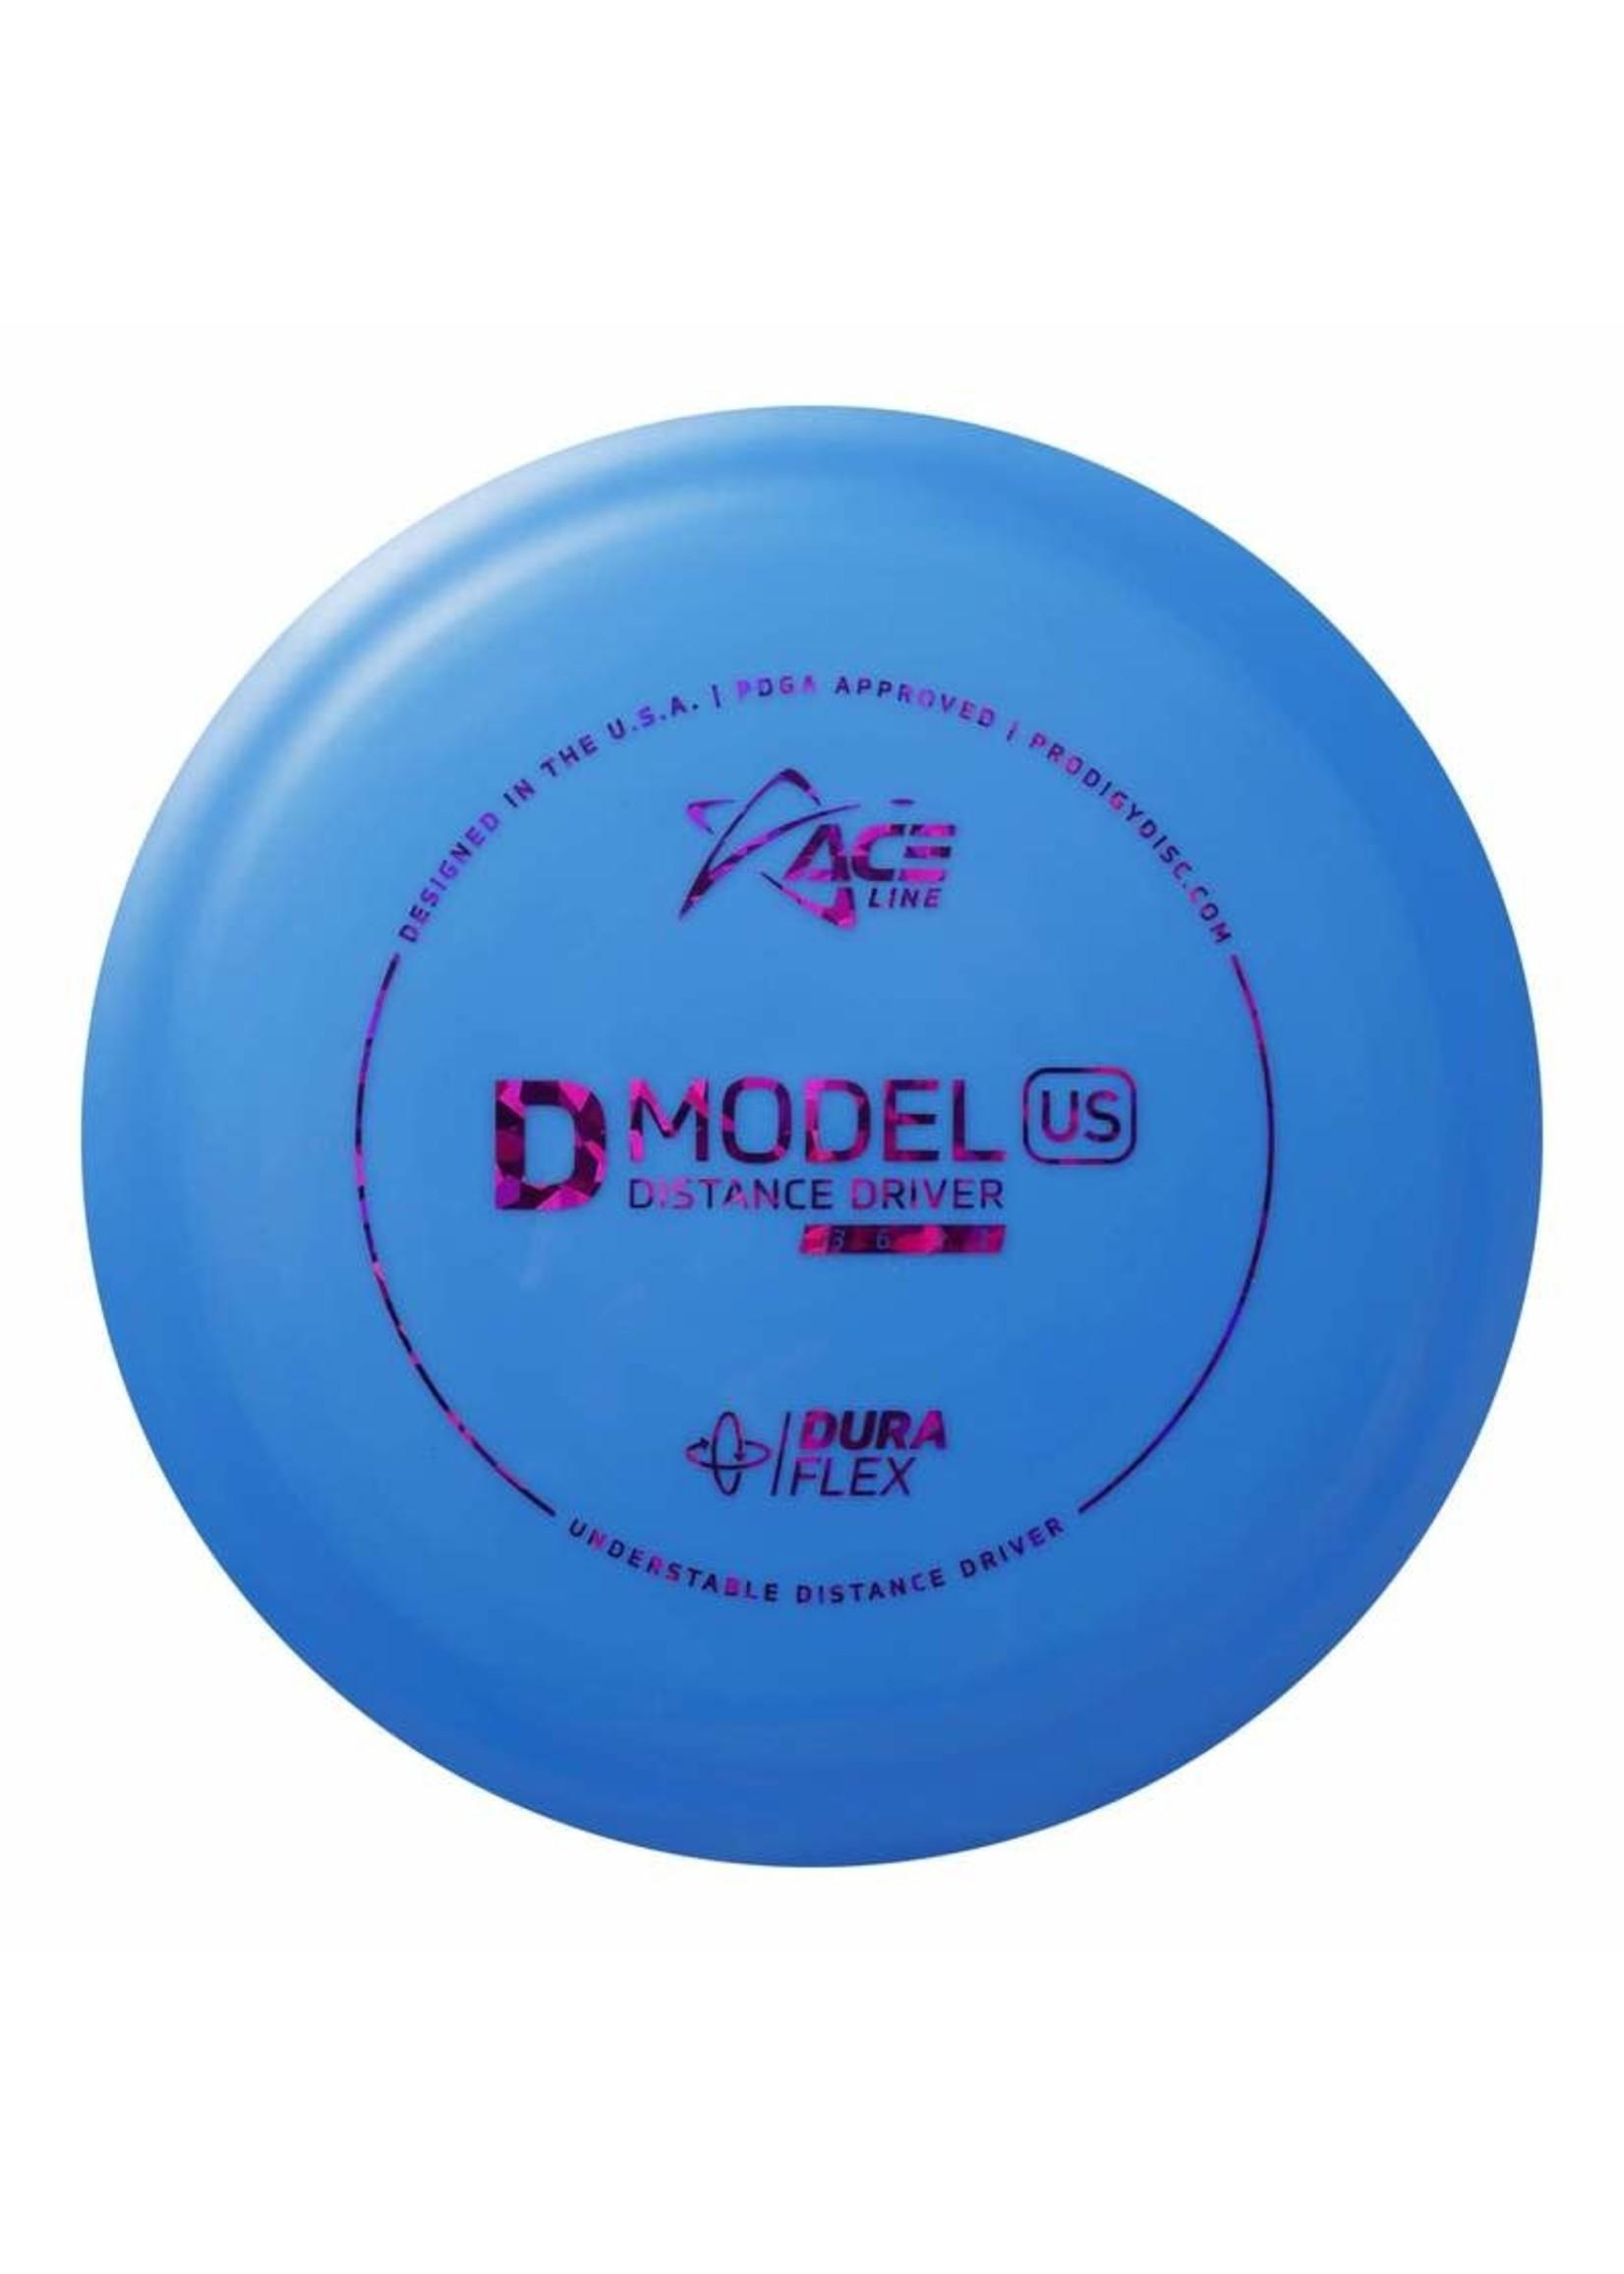 Prodigy Prodigy Ace D Model US Distance Driver